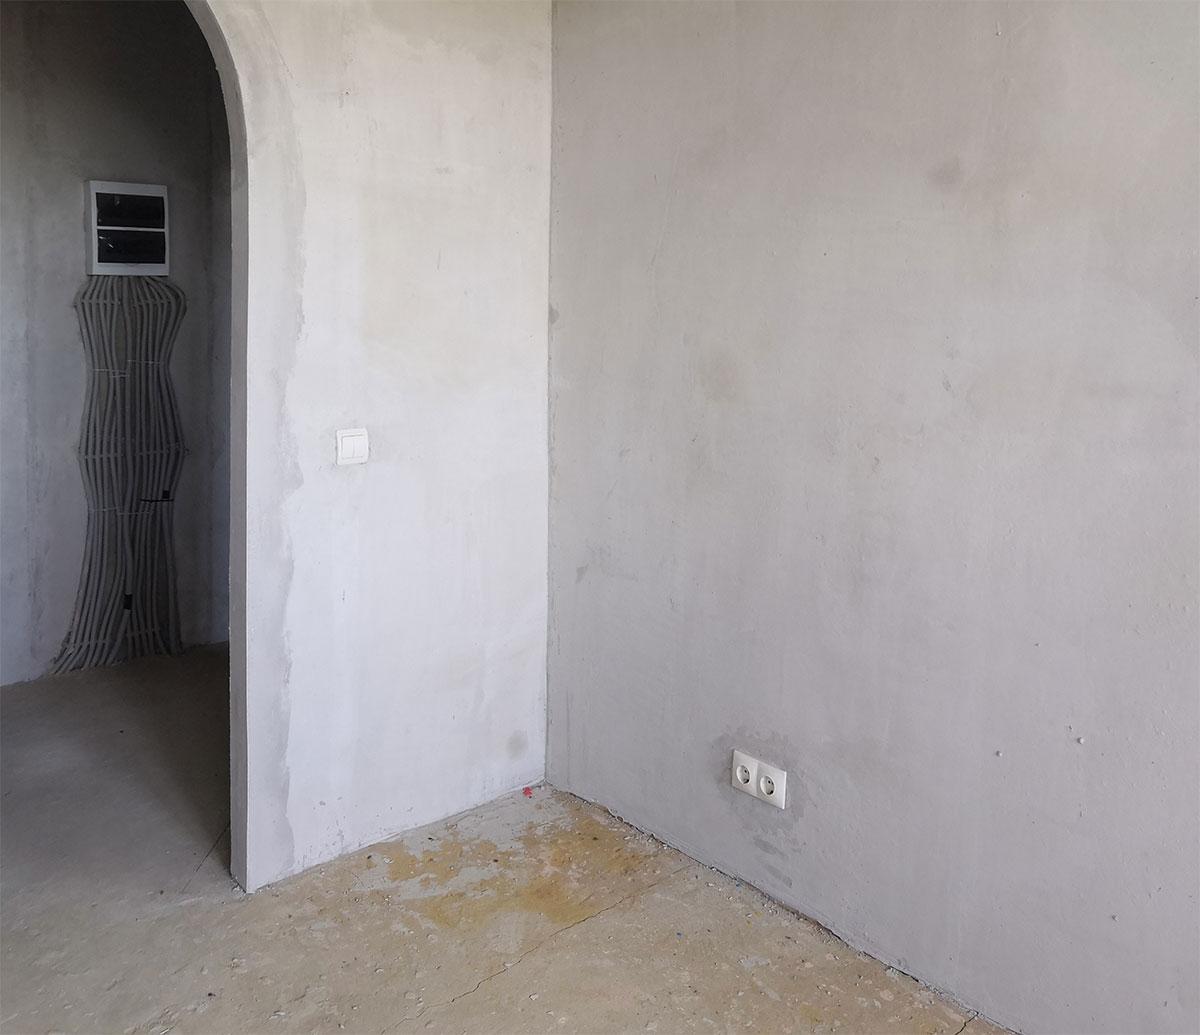 При обследовании вскрытых квартир ЖК «Марушкино» обнаружена плесень